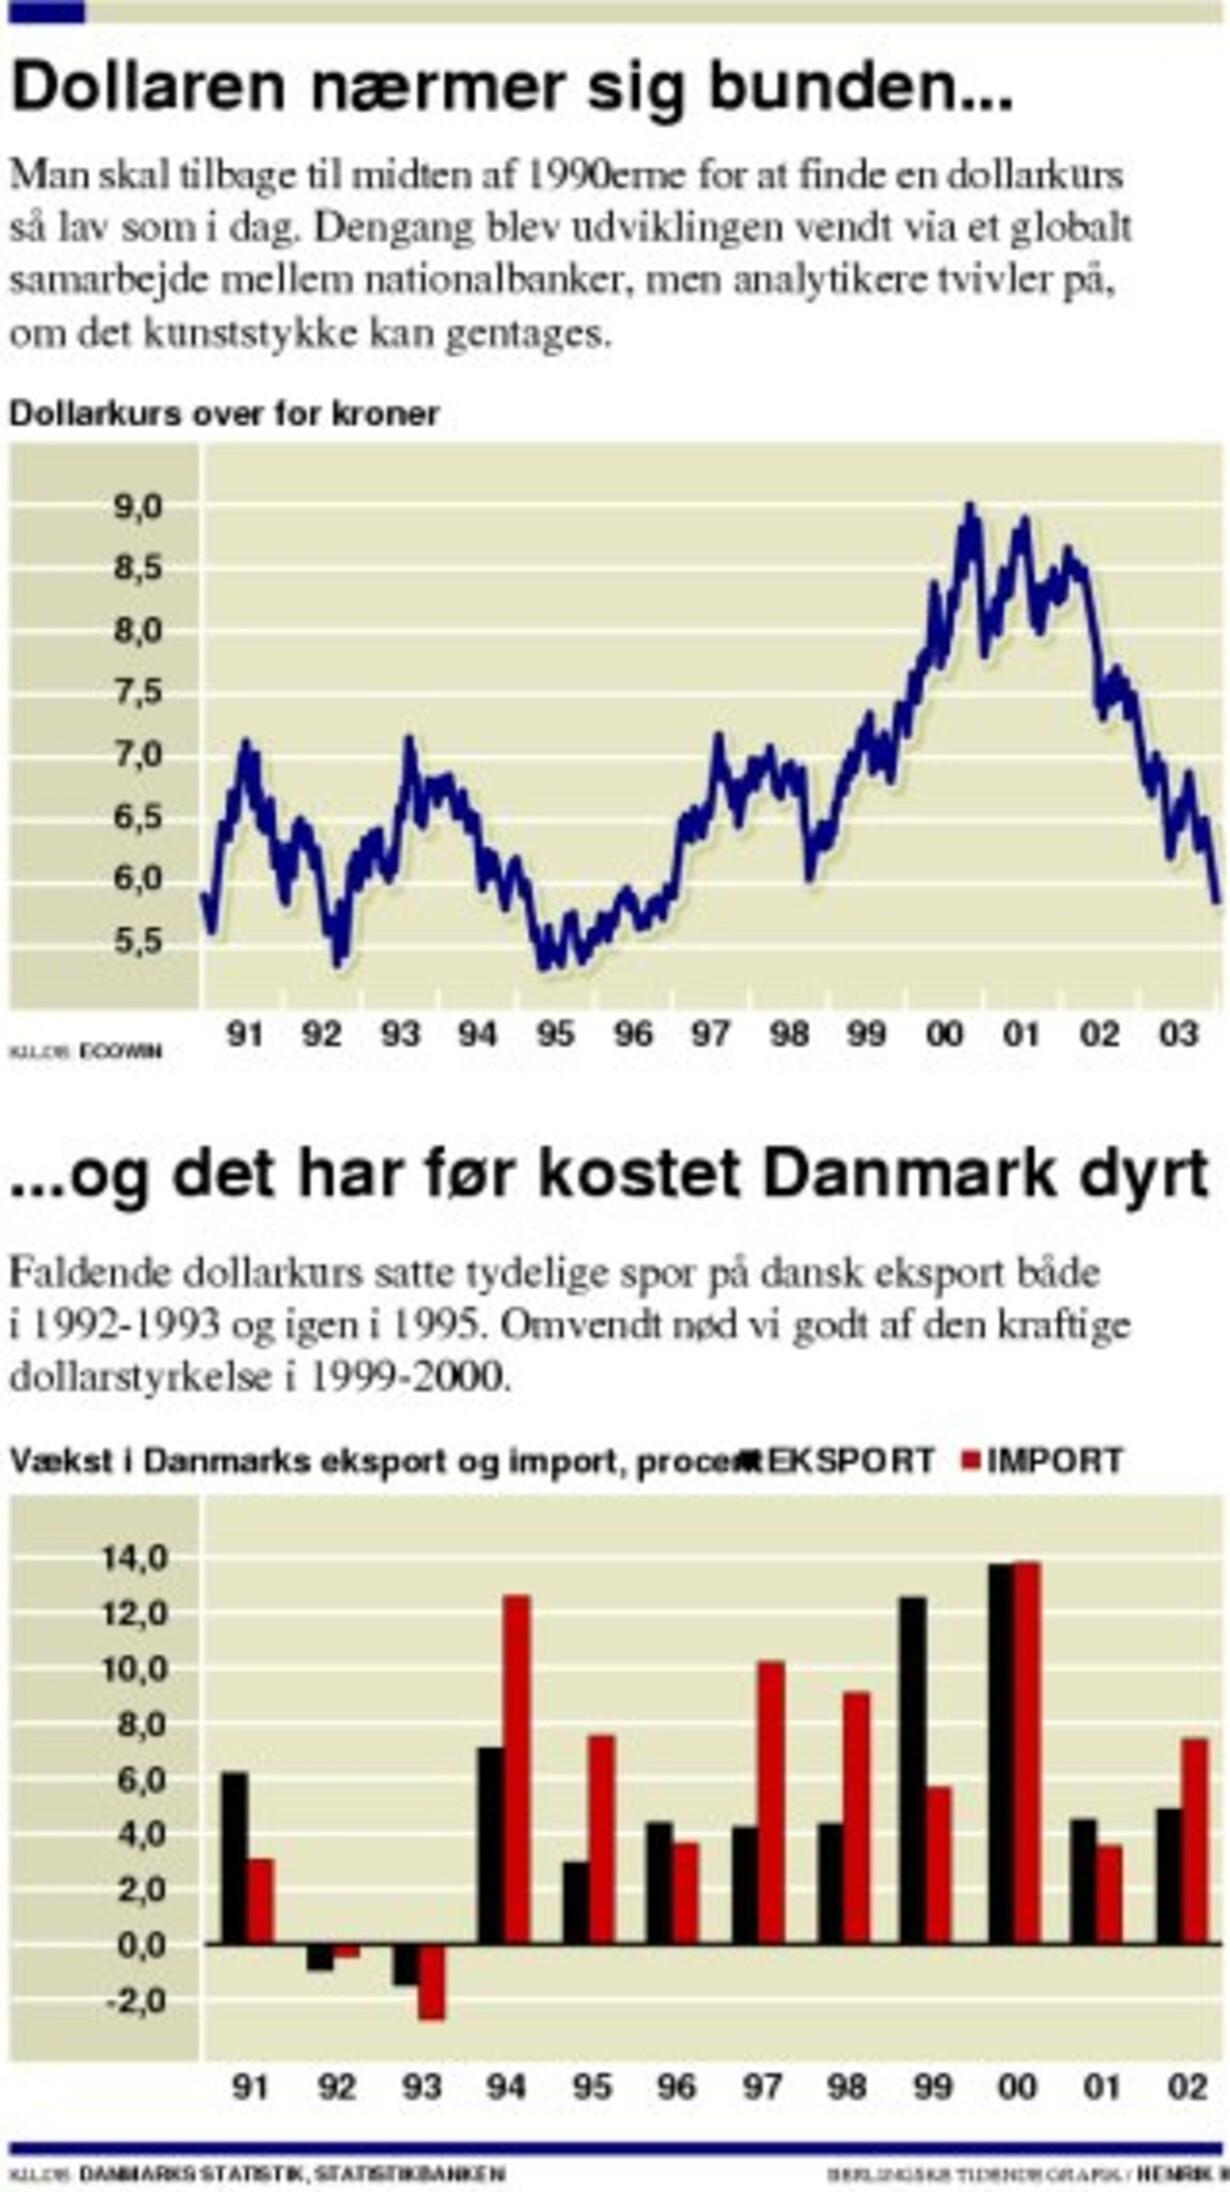 Dollar- faldet rammer kronen - 1